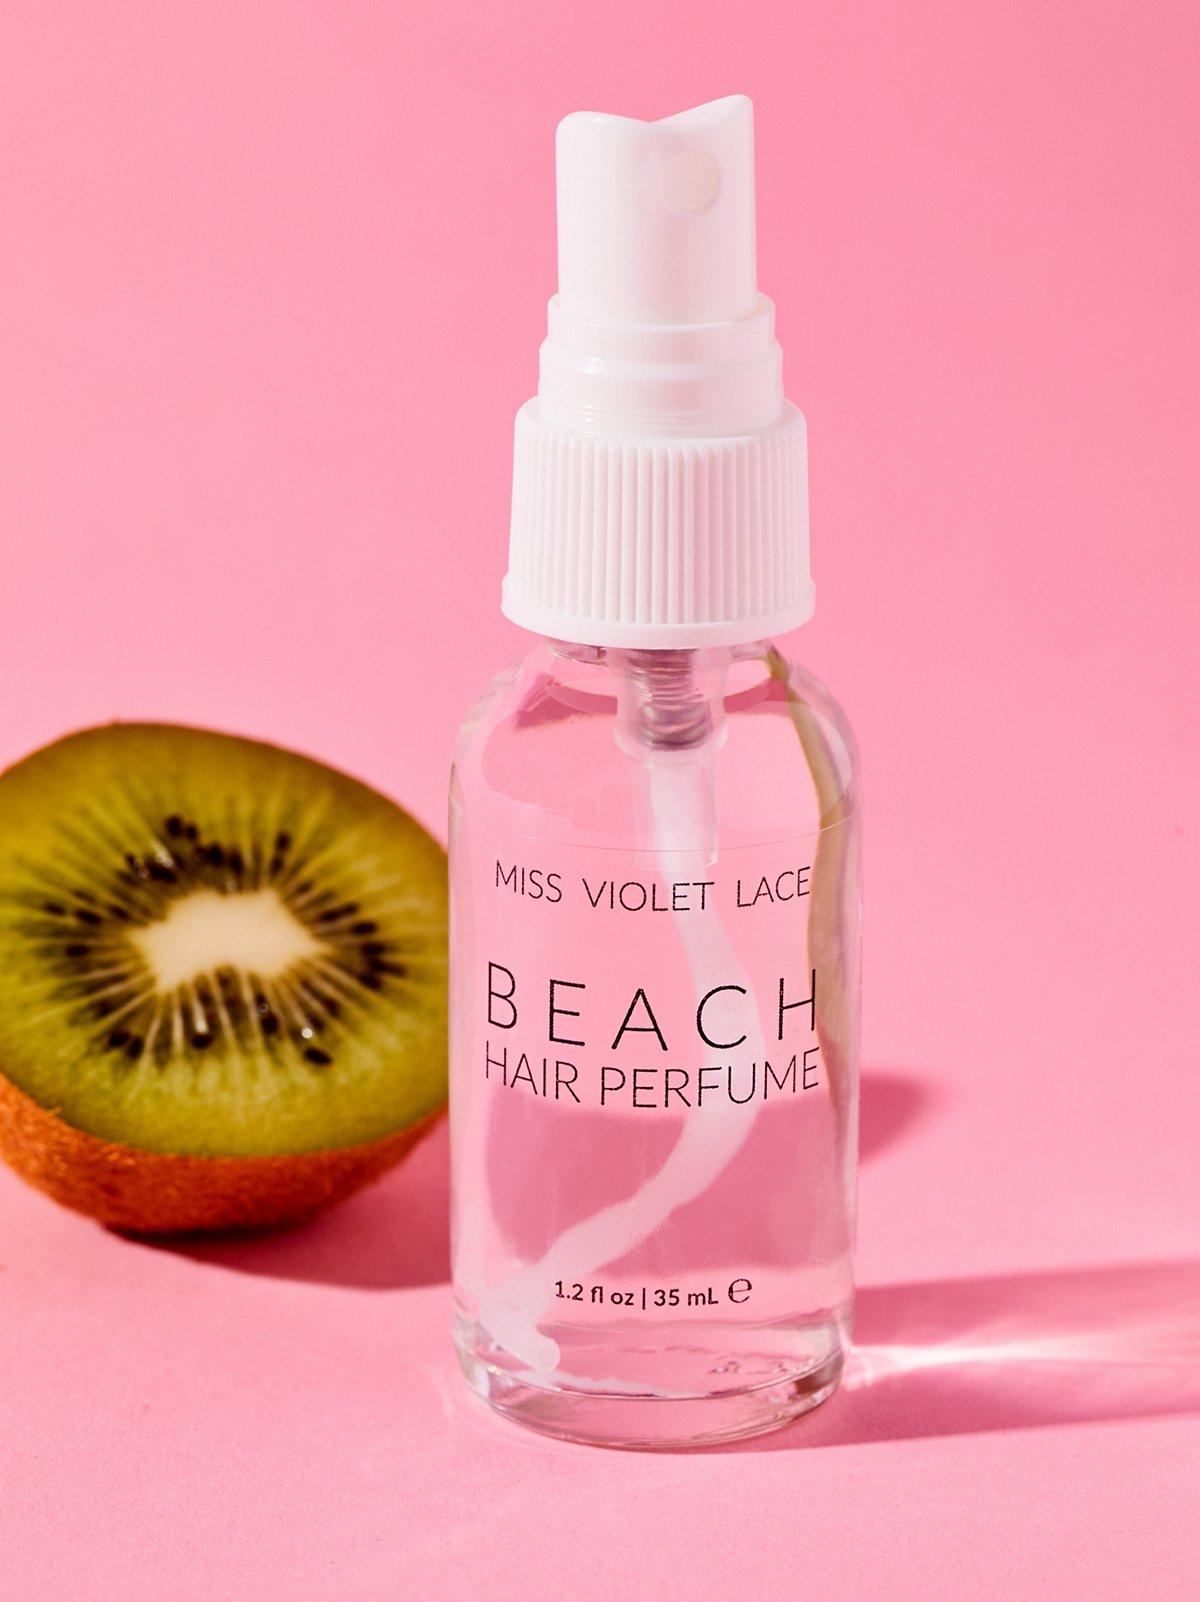 Beach Hair Perfume